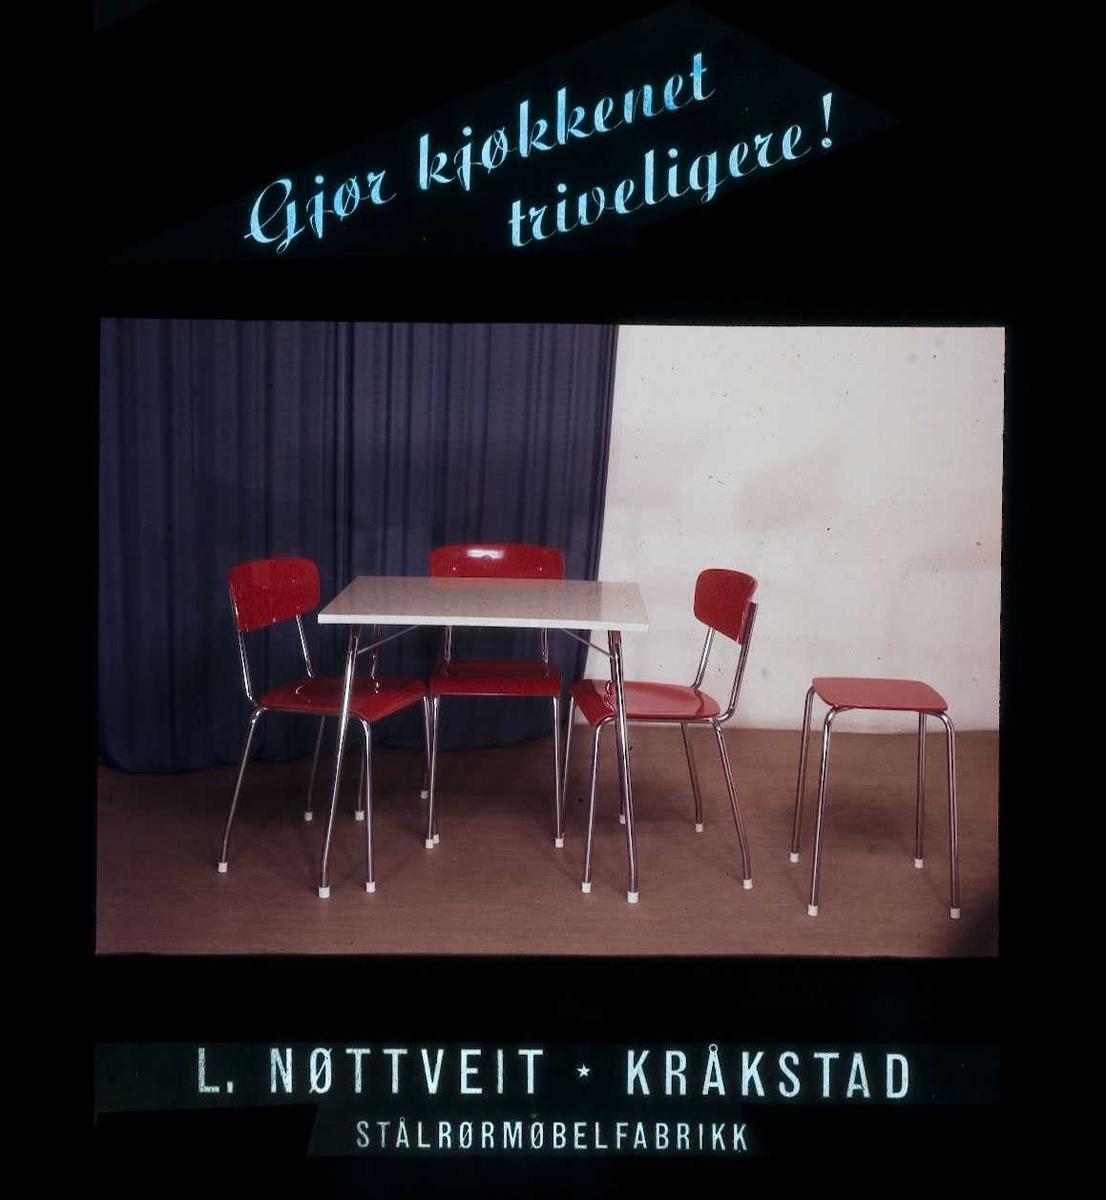 Kinoreklame fra Ski for kjøkkenmøbler i respatex. Gjør kjøkkenet triveligere! L. Nøttveit, Kråkstad. Stålrørmøbelfabrikk